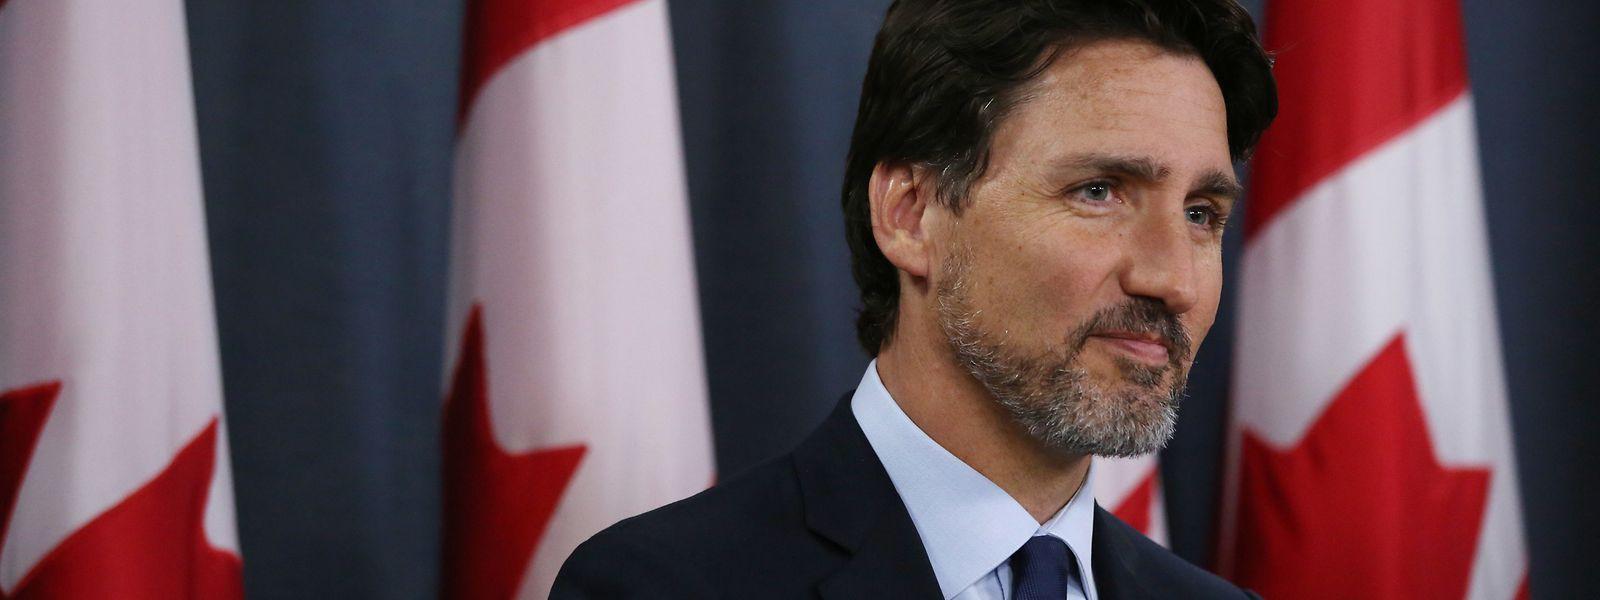 Wer wird für die Sicherheit der Royals aufkommen? Justin Trudeau reagierte zögerlich auf die Frage der Interviewerin.